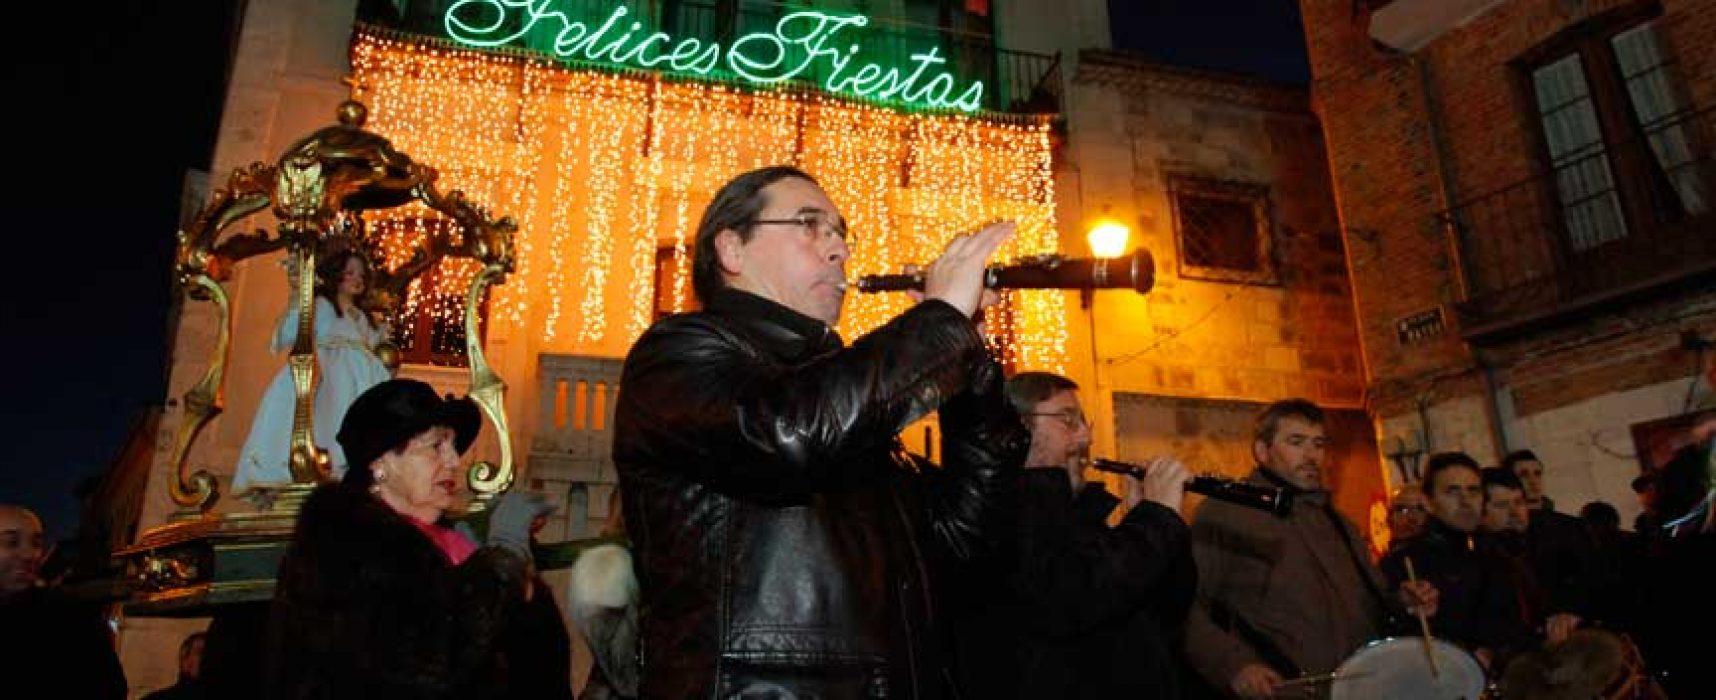 El Niño de la Bola cumplió con la tradición el Día de Reyes